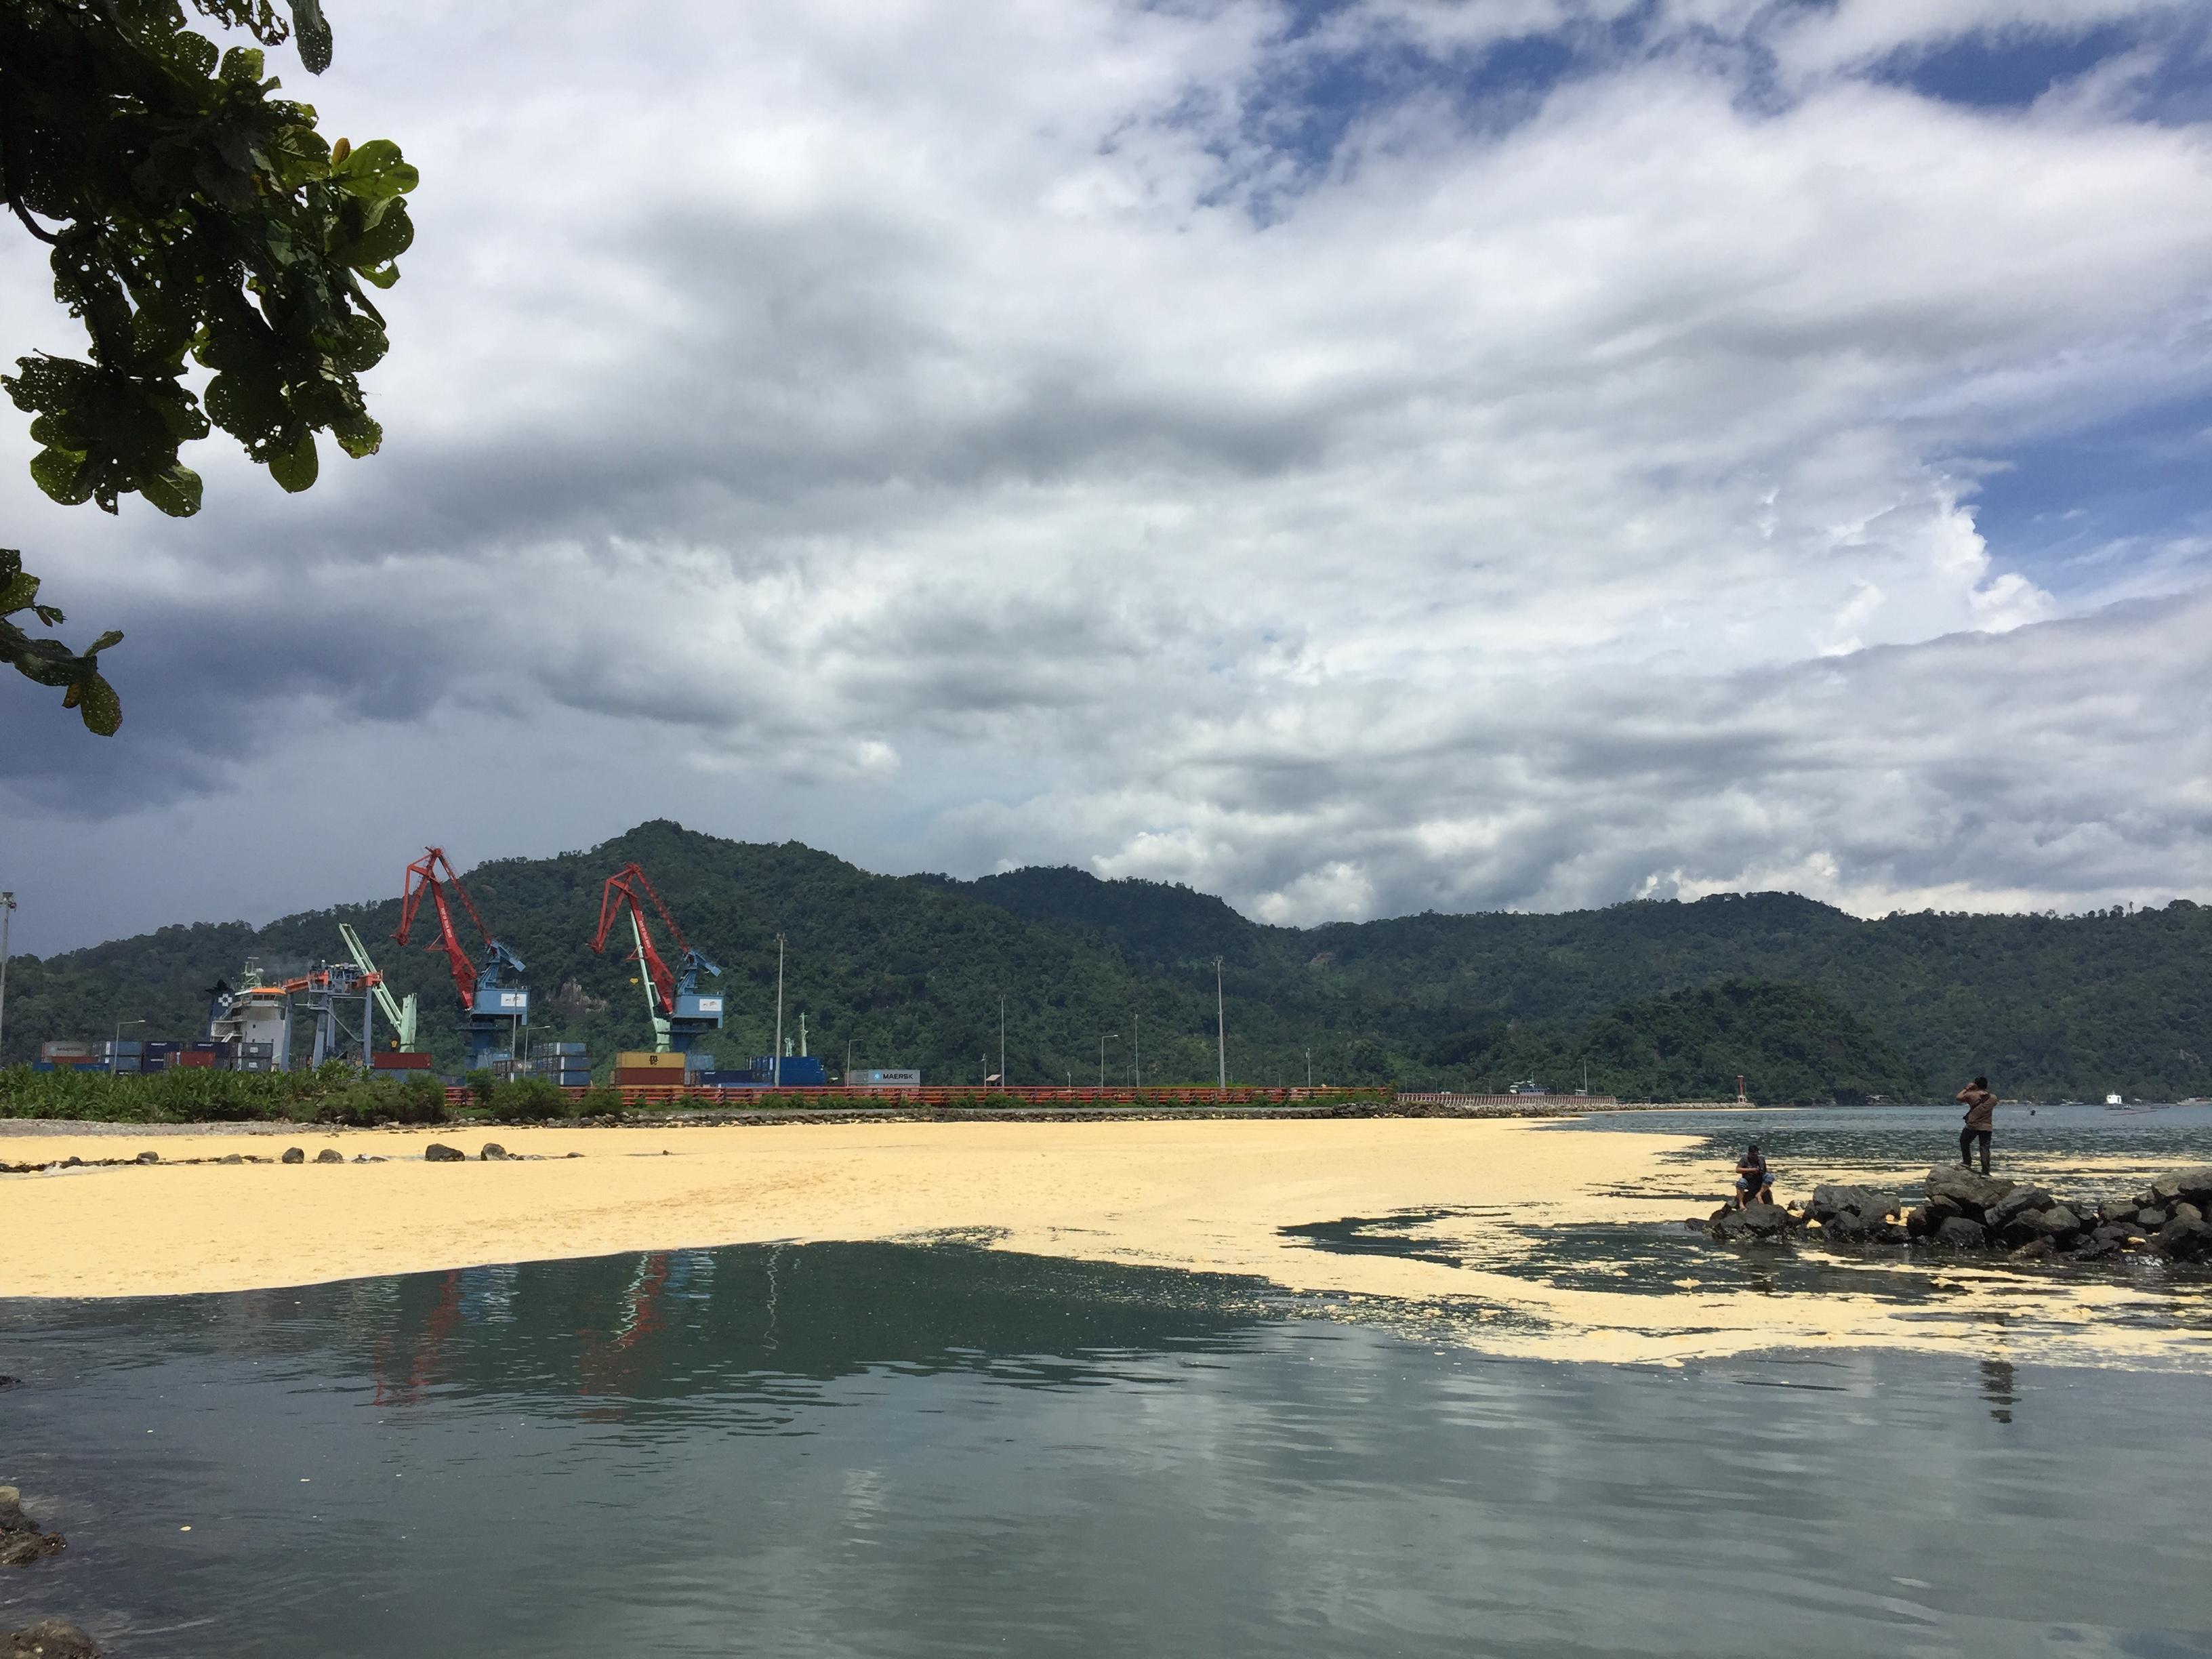 Tumpahan minyak sawit mentah di Pelabuhan Teluk Bayur, Padang, Kamis (28/9/201&).